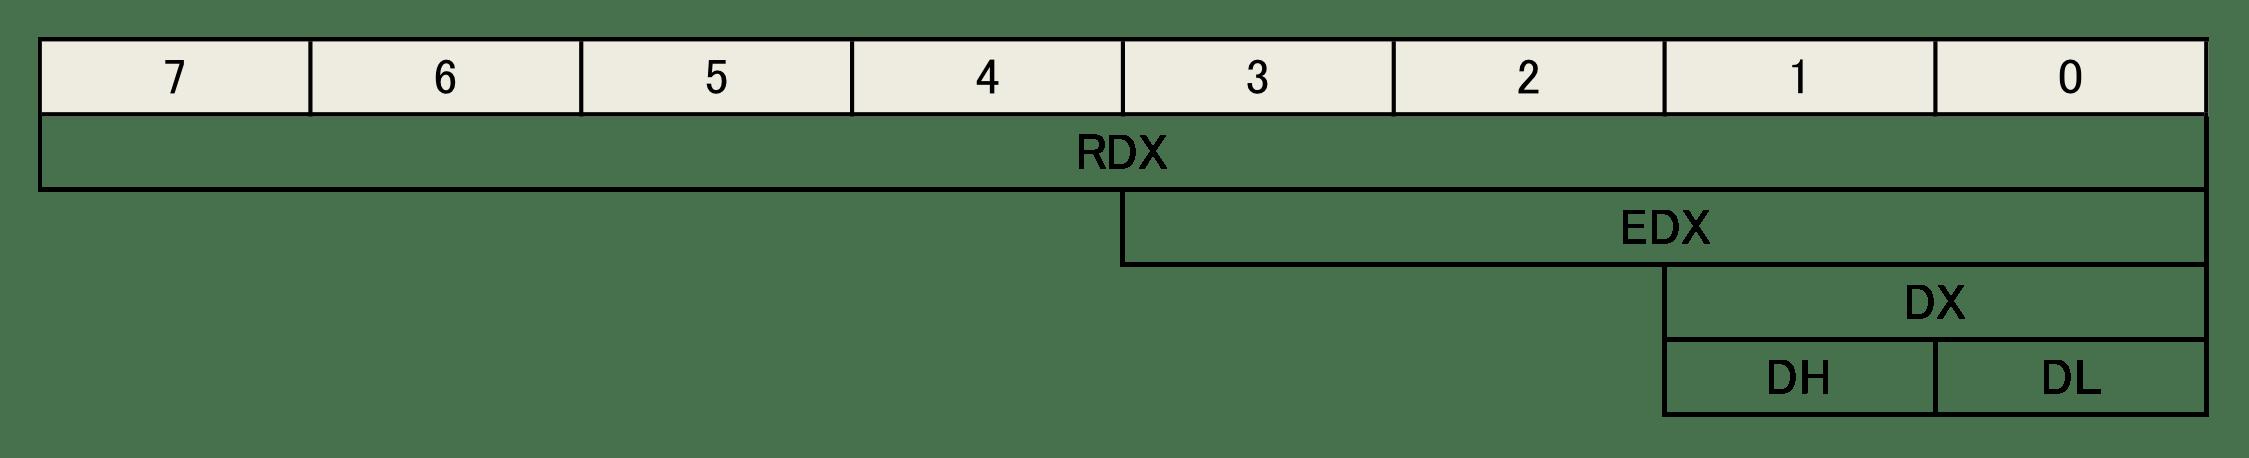 rdx.png